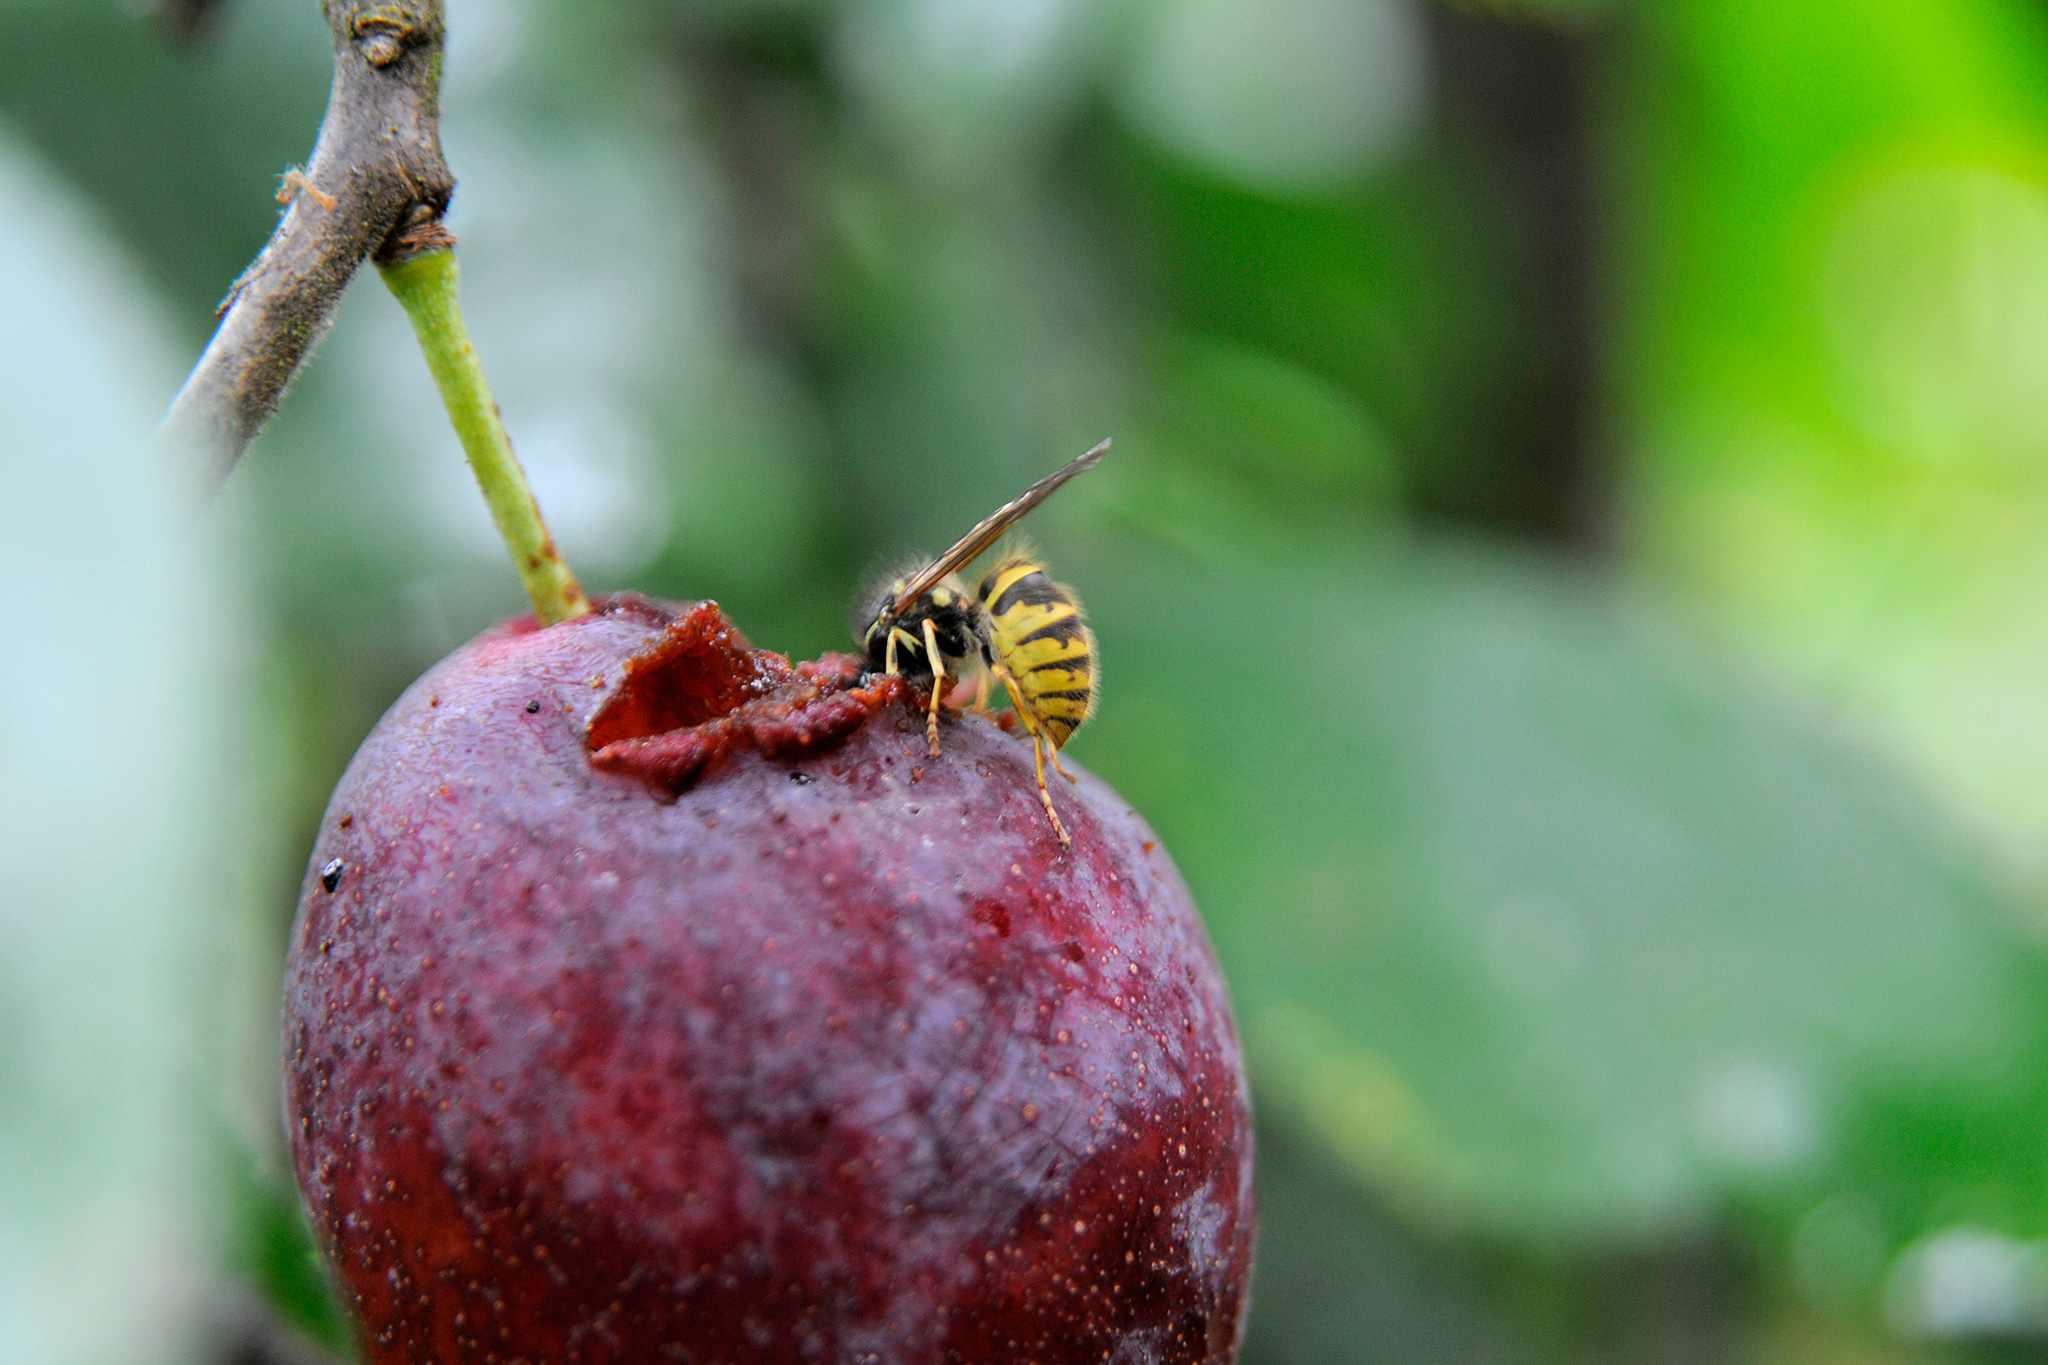 A wasp feeding on a plum